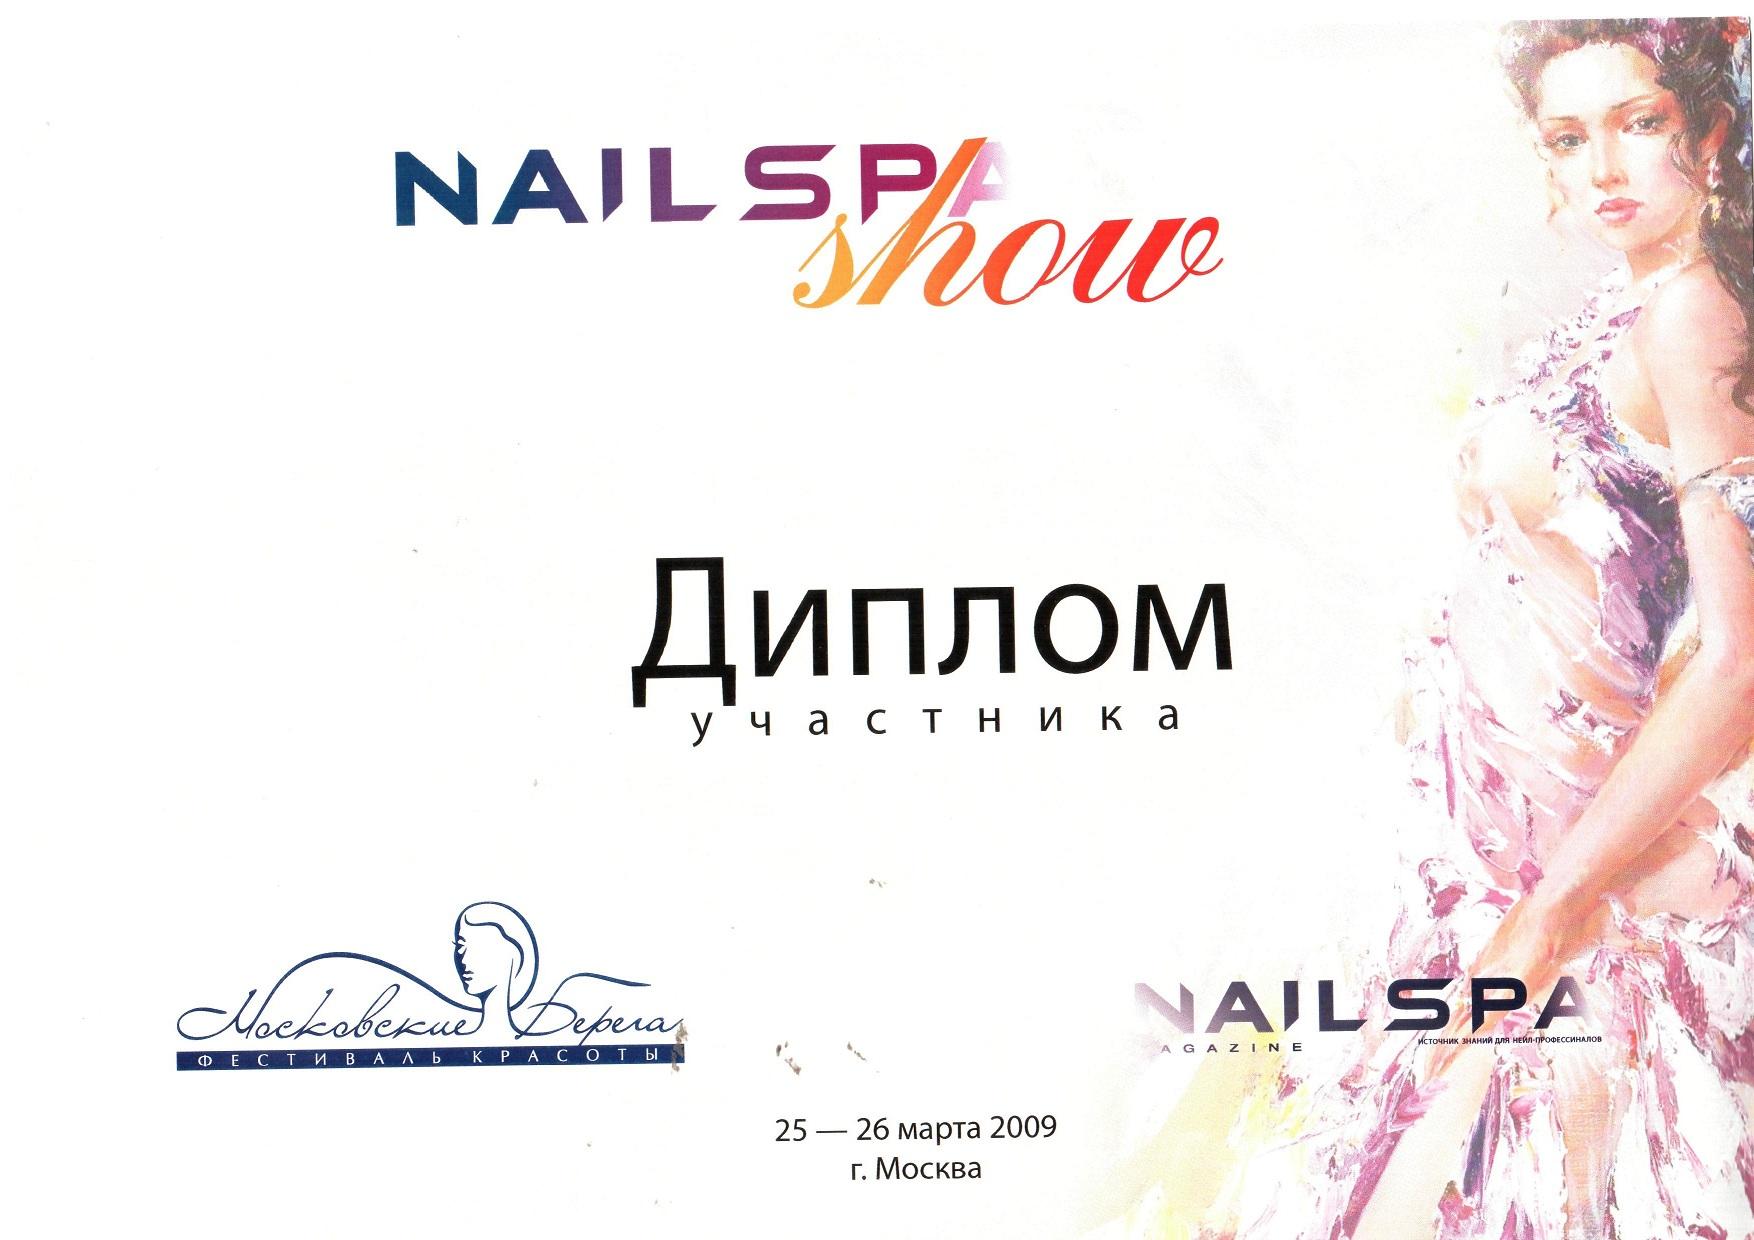 2009 Фестиваль красоты «Московские берега» Диплом участника конференции